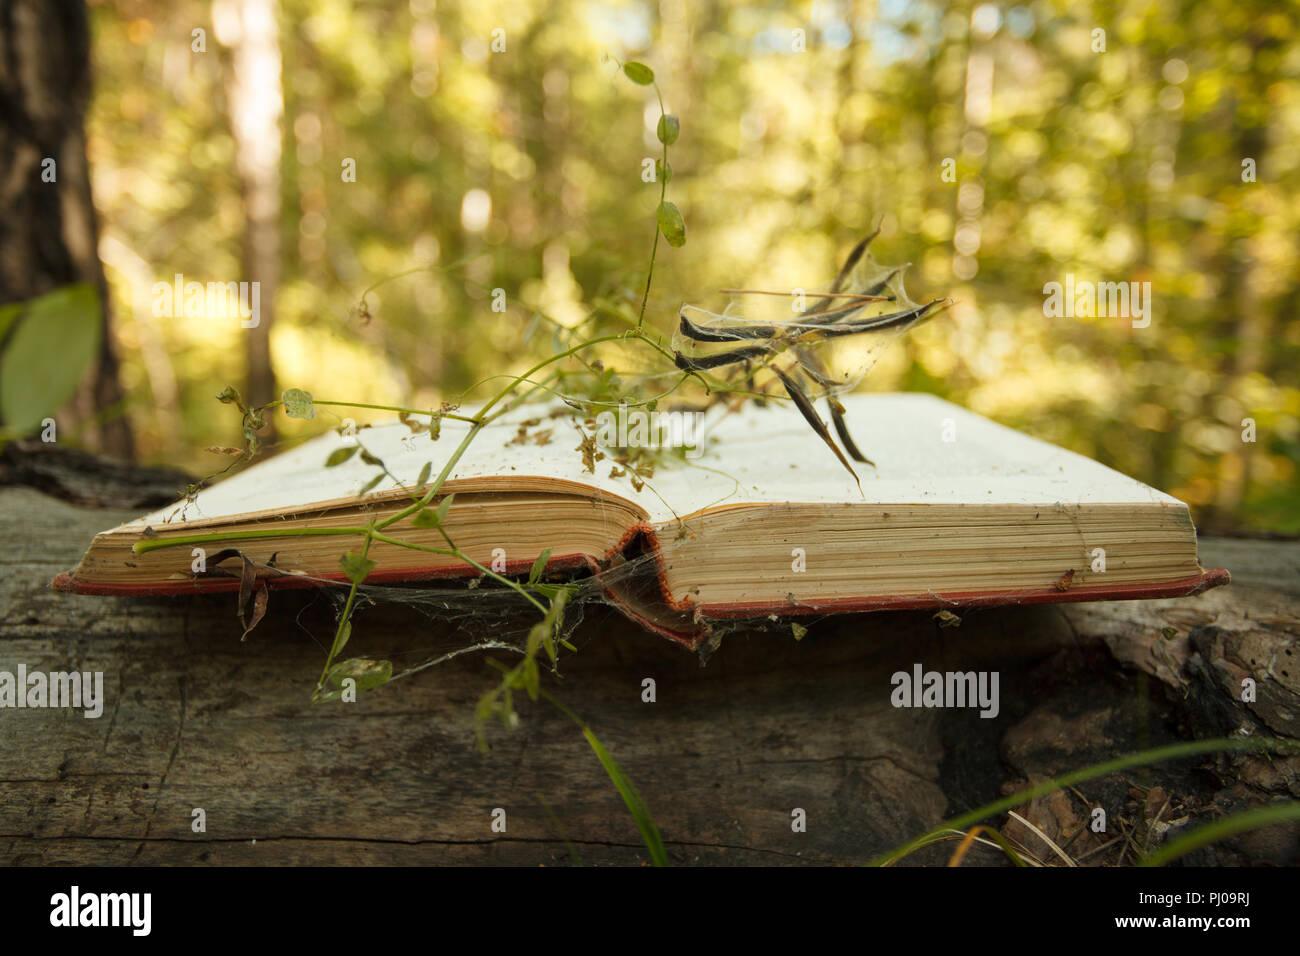 Libro aperto su sfondo di legno con magic mistero impianto effetto bokeh in background Immagini Stock